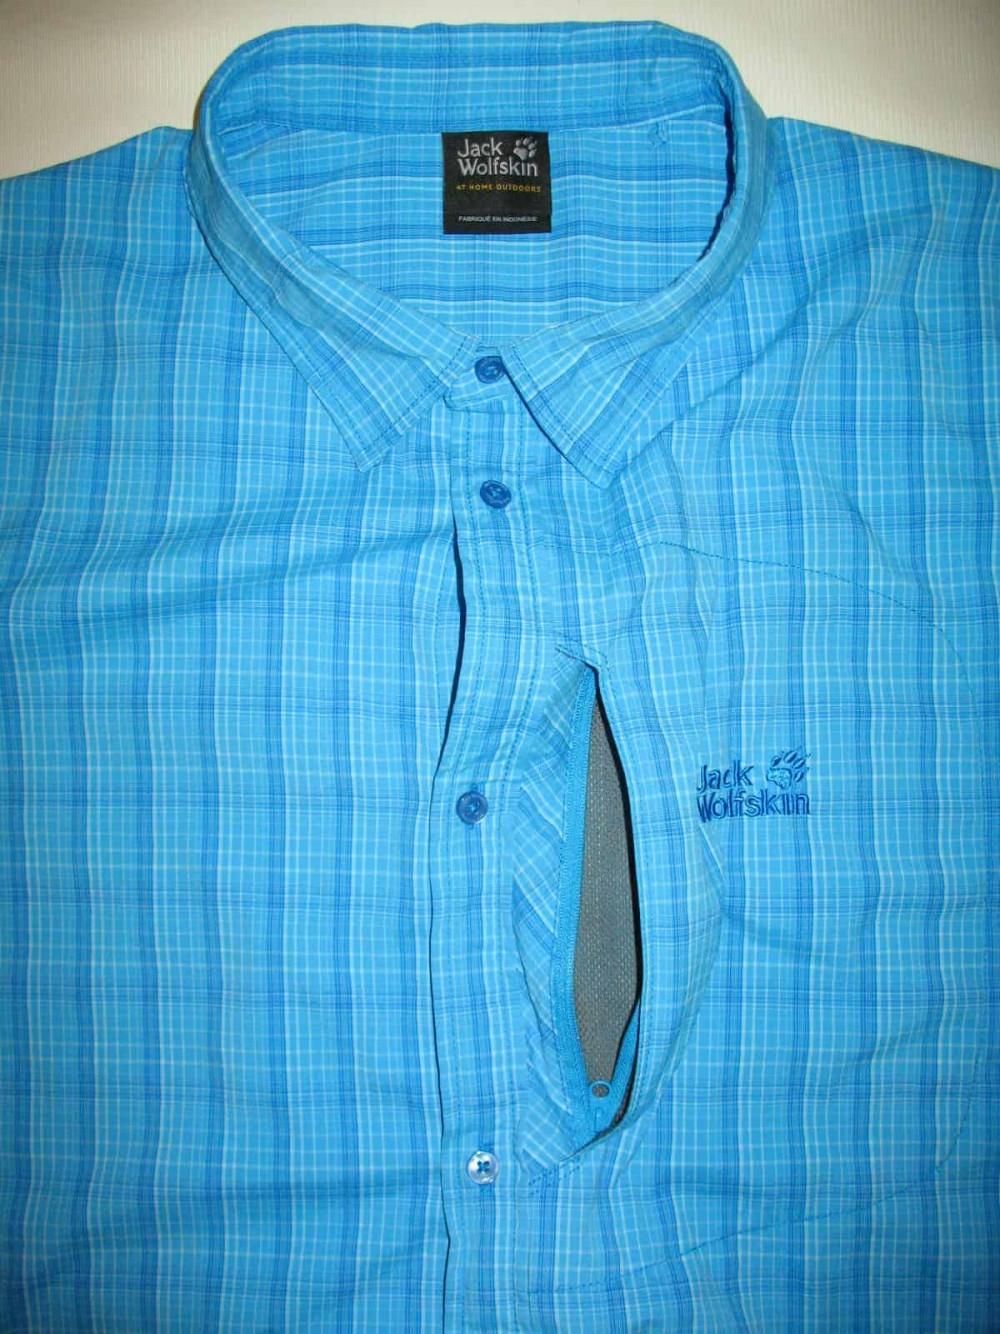 Рубашка JACK WOLFSKIN rays stretch vent shirt (размер XXXL/XXL) - 5